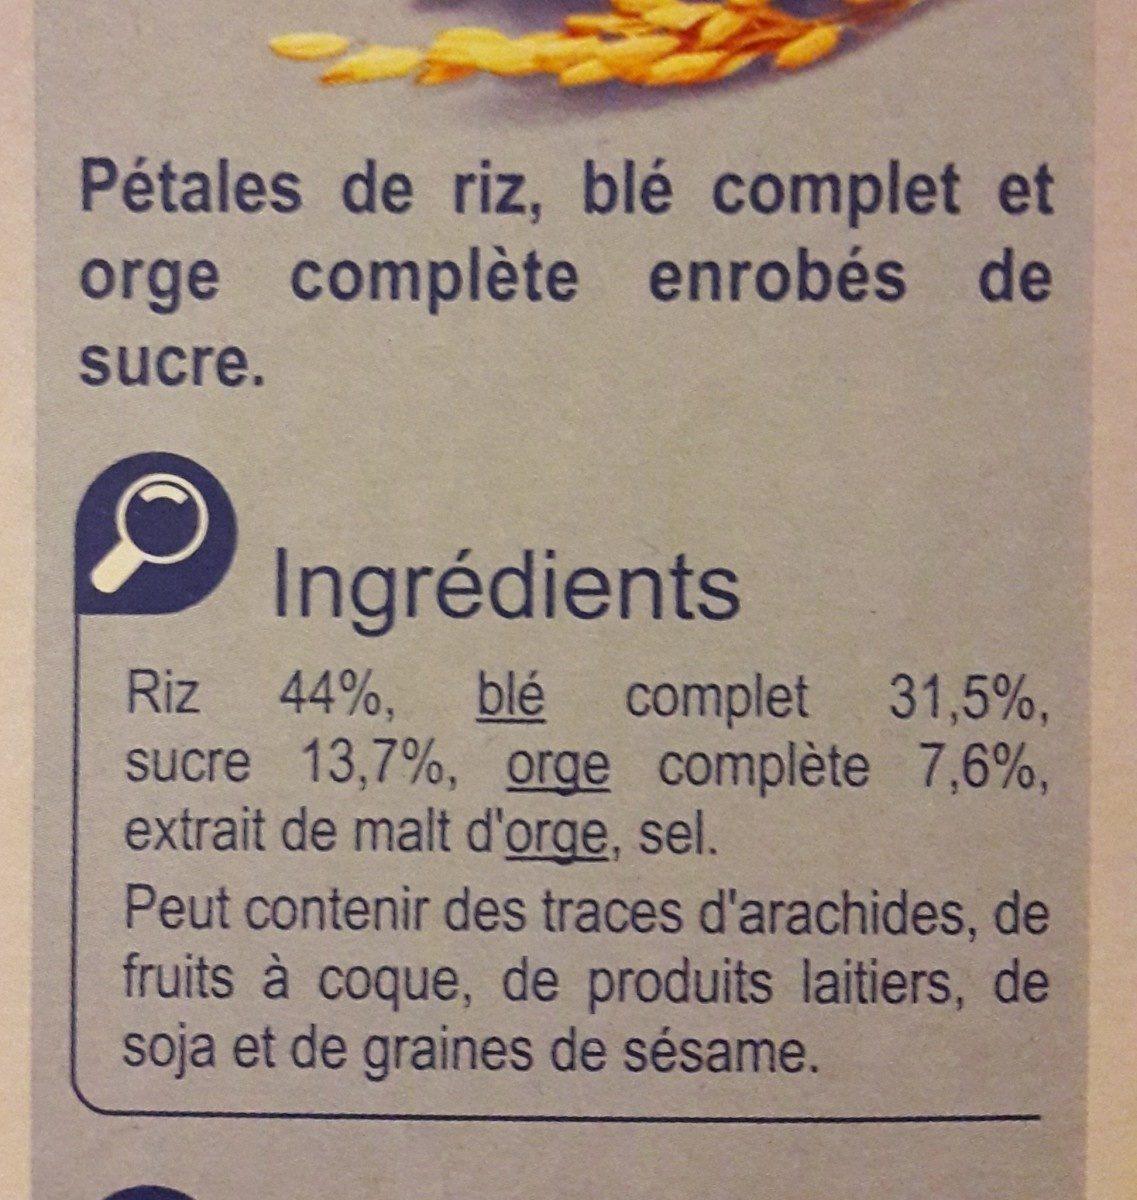 Stylesse pétales de riz, blé complet et orge complète - Ingredientes - fr